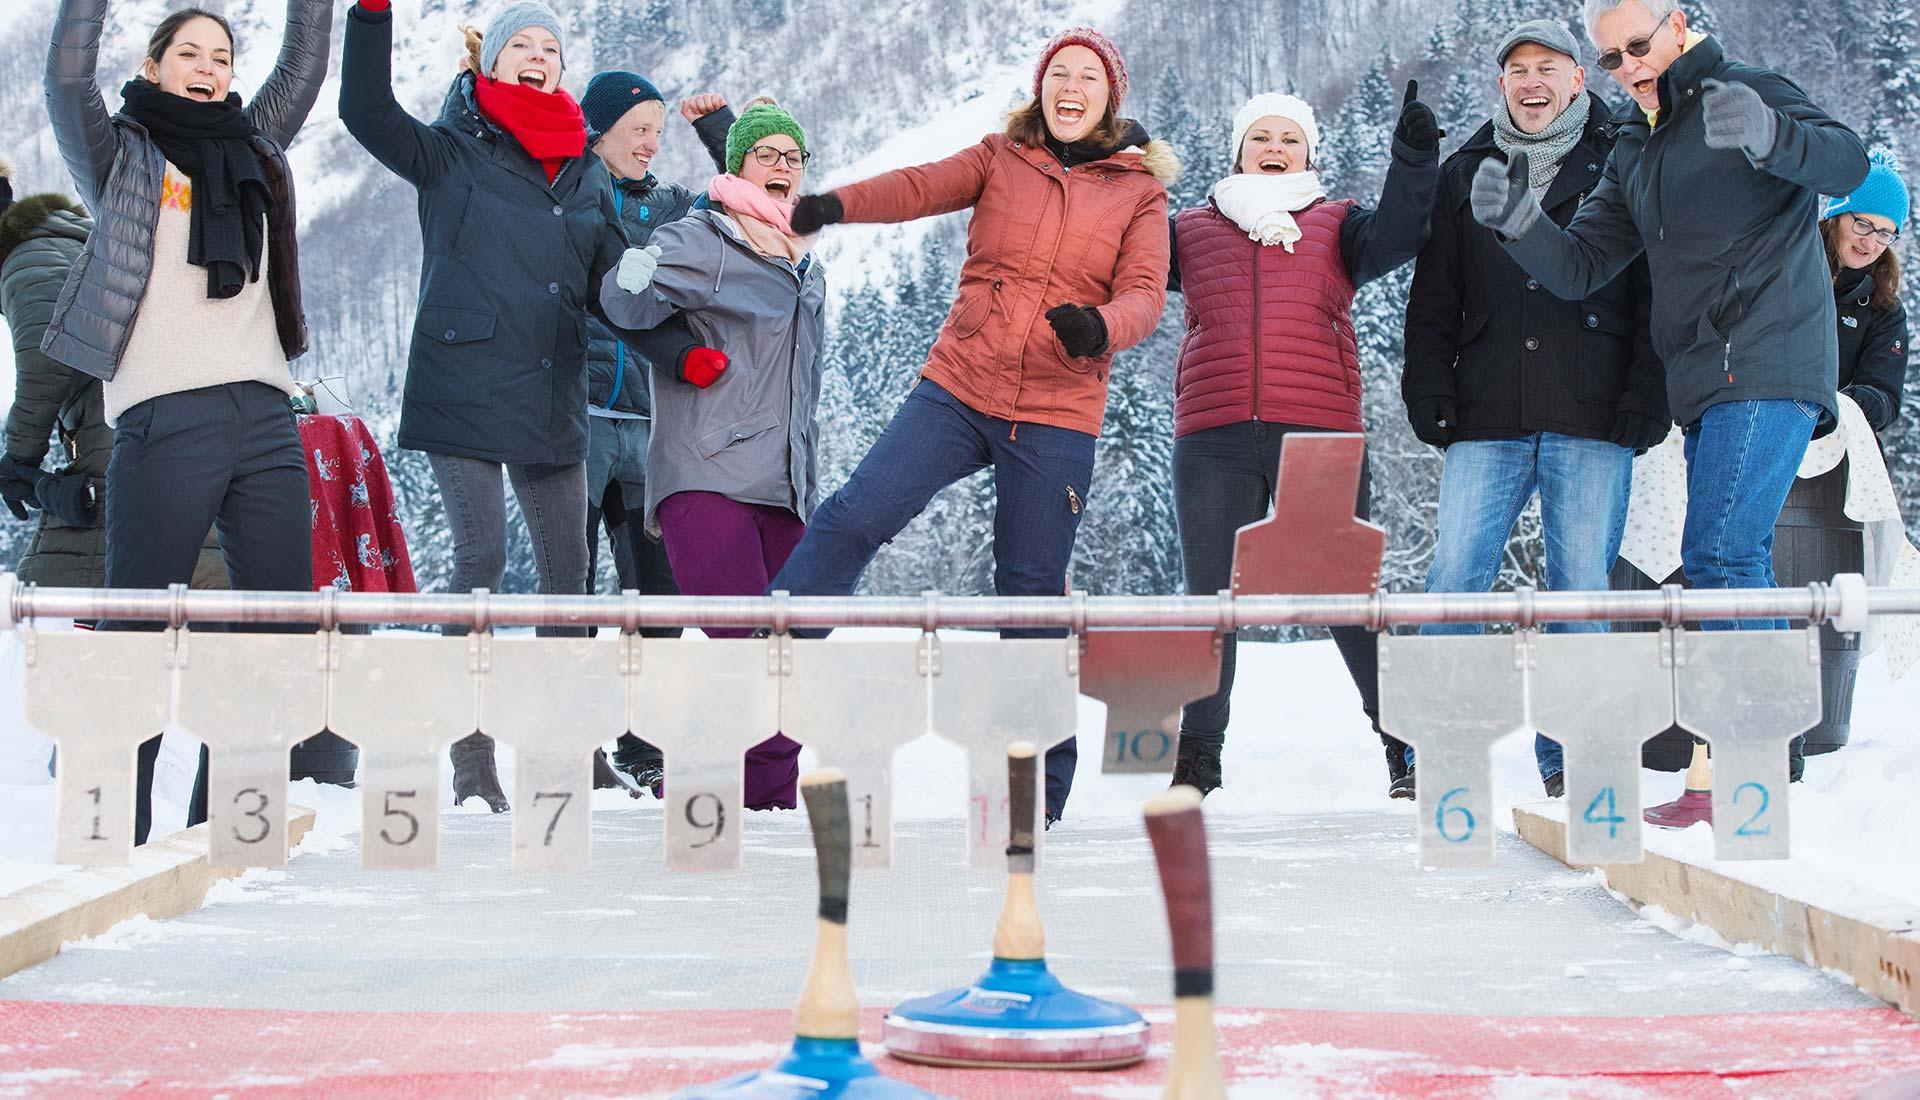 Eisstockschießen - organisiert von der Eventfabrik OWL